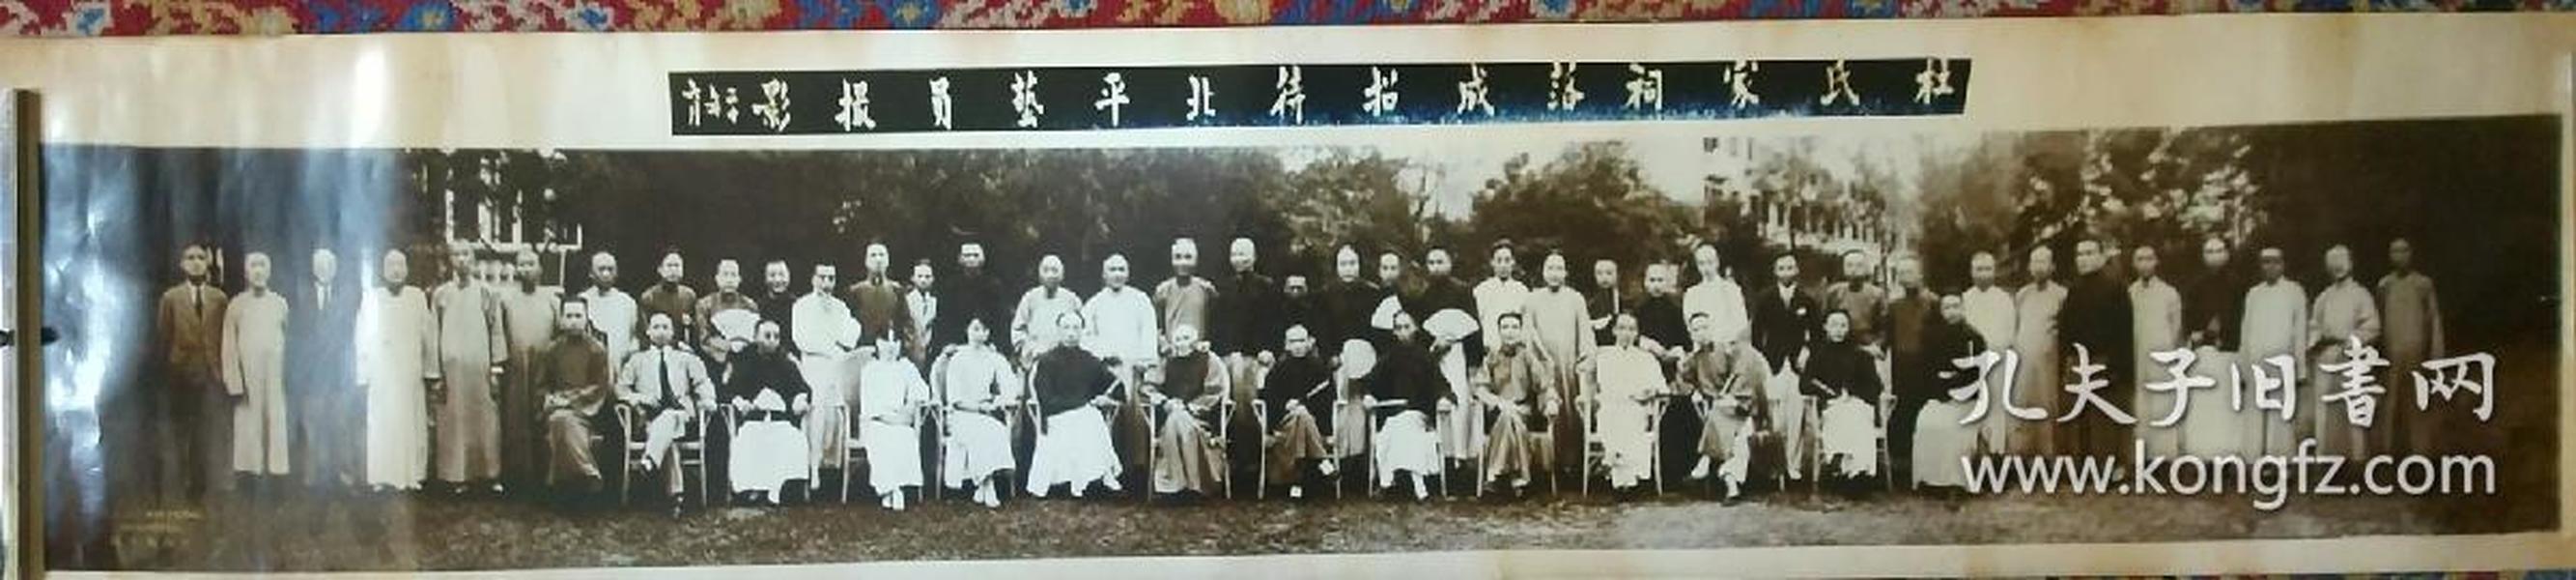 杜(杜月笙)氏家祠落成招待北平艺员摄影(二十年六月)